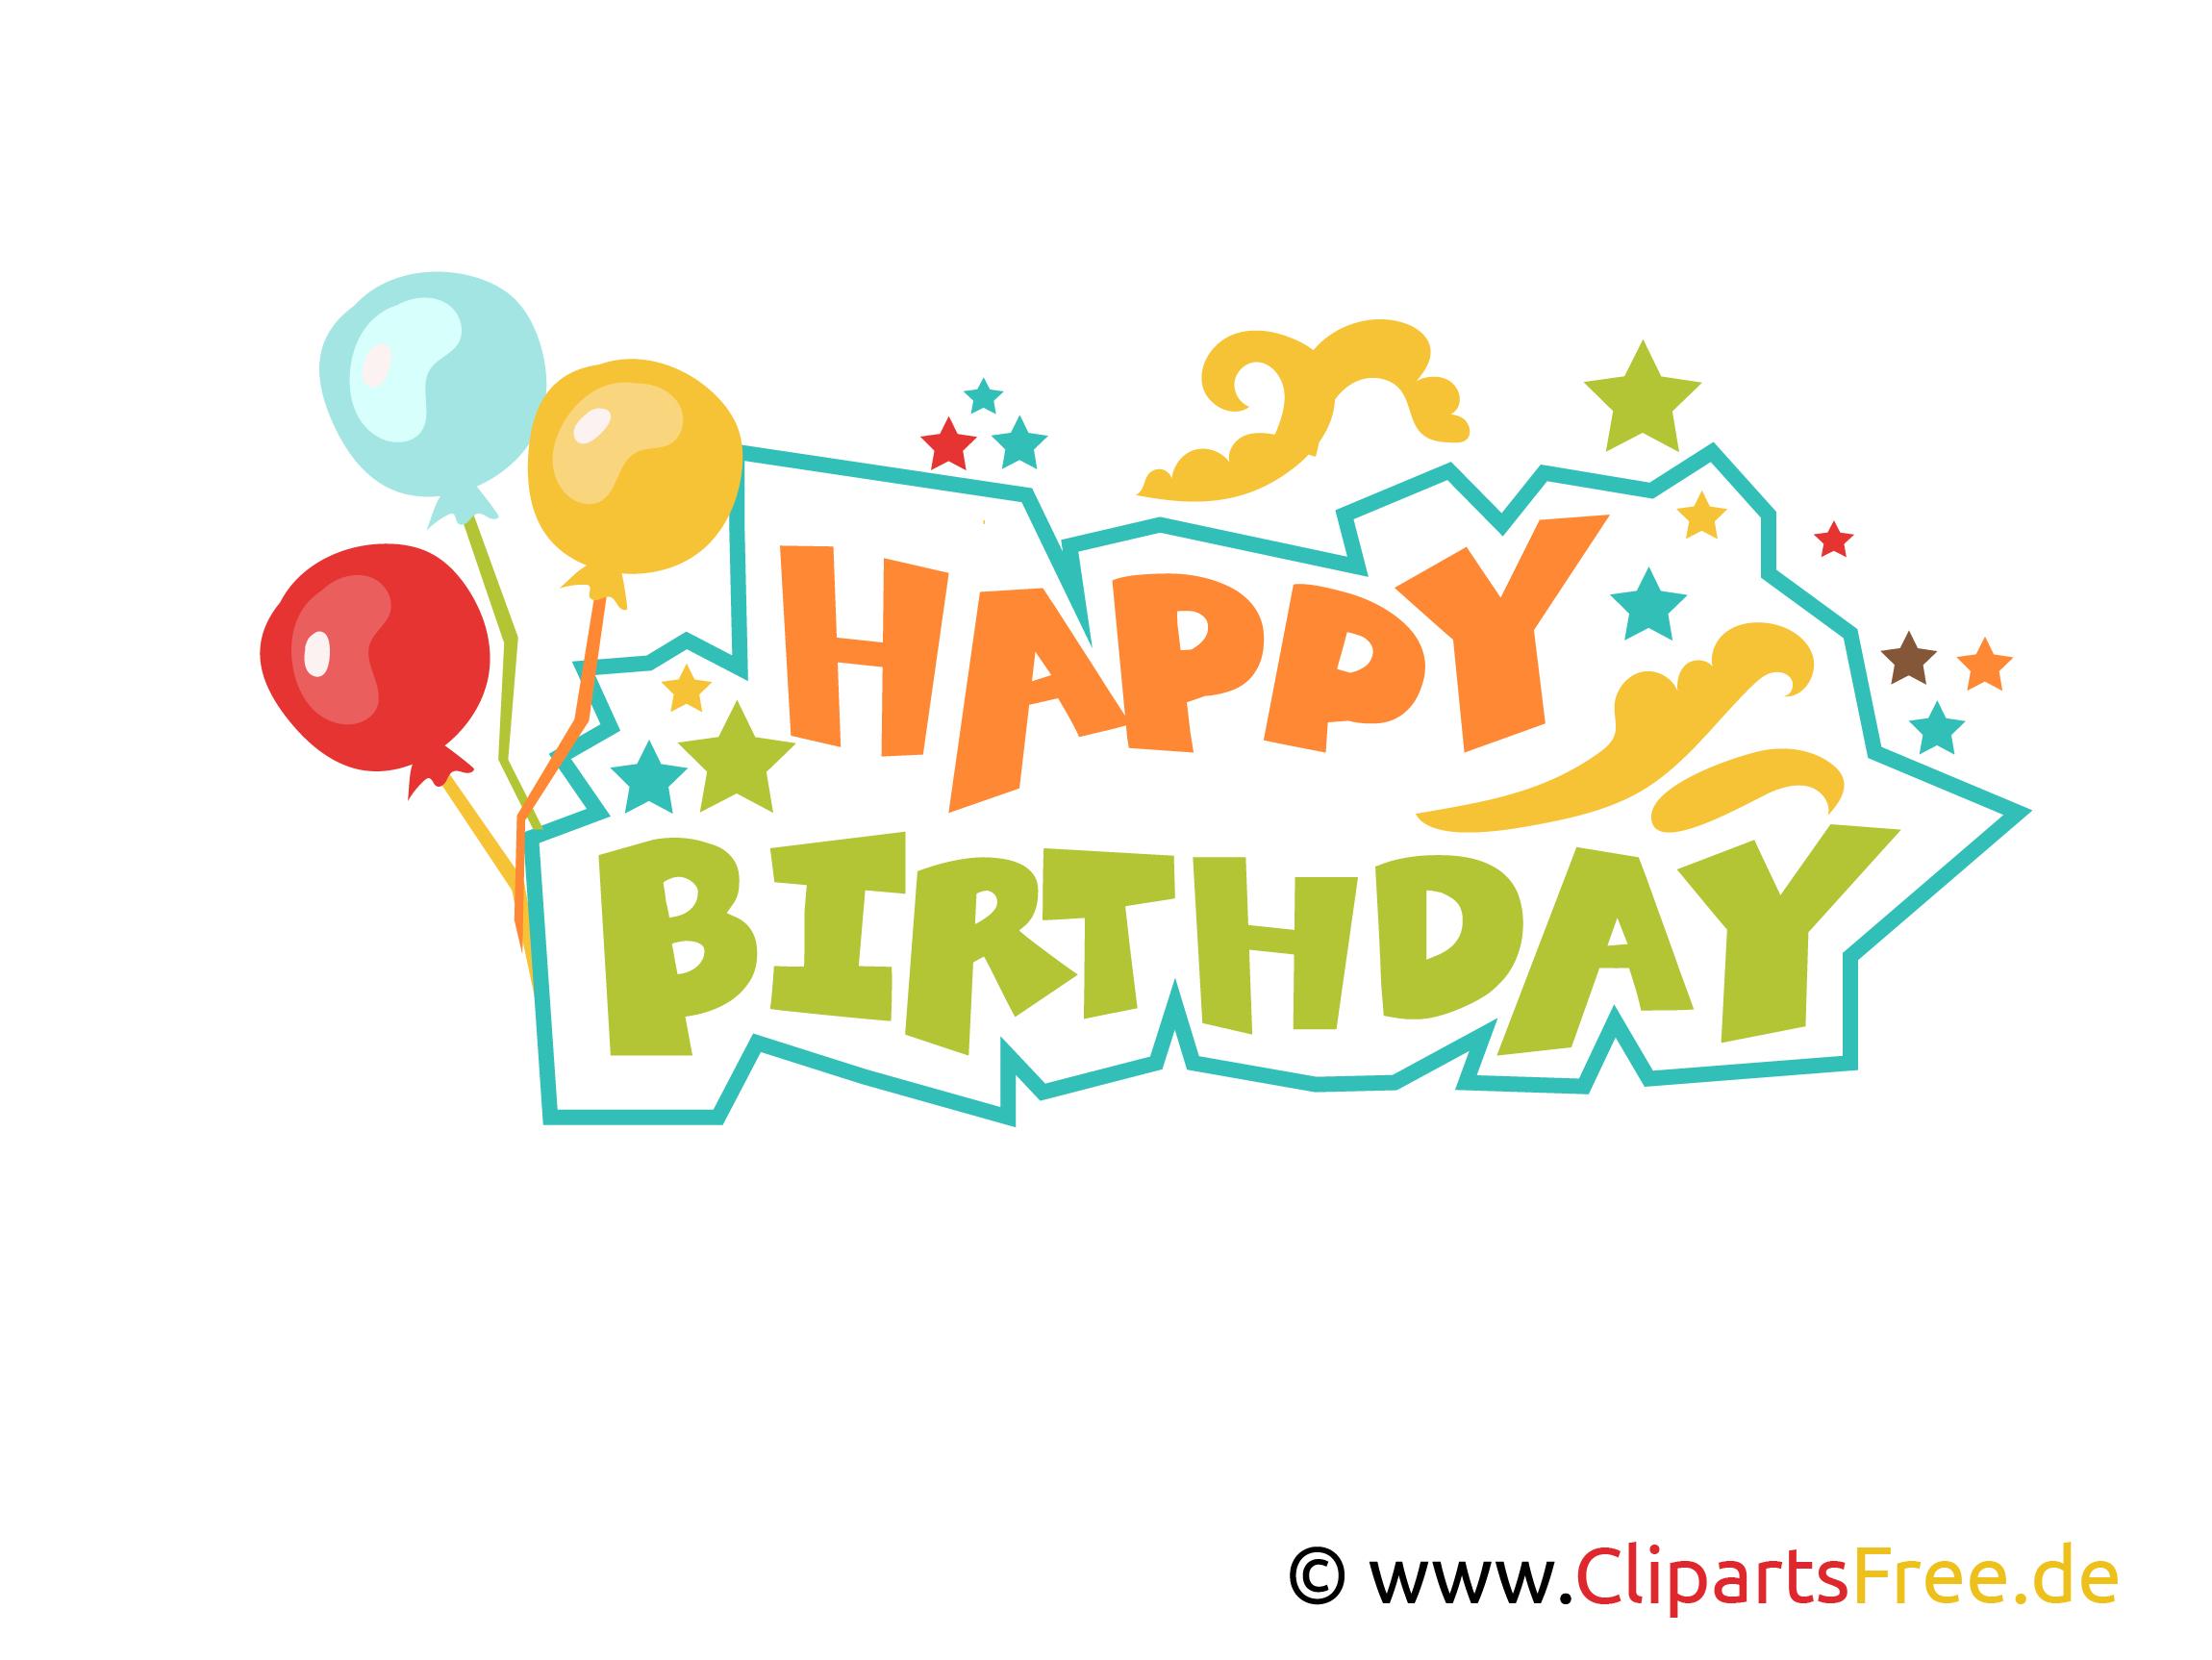 Happy Birthday Buchstaben Zum Drucken Clipart, Vorlage verwandt mit Vorlage Happy Birthday